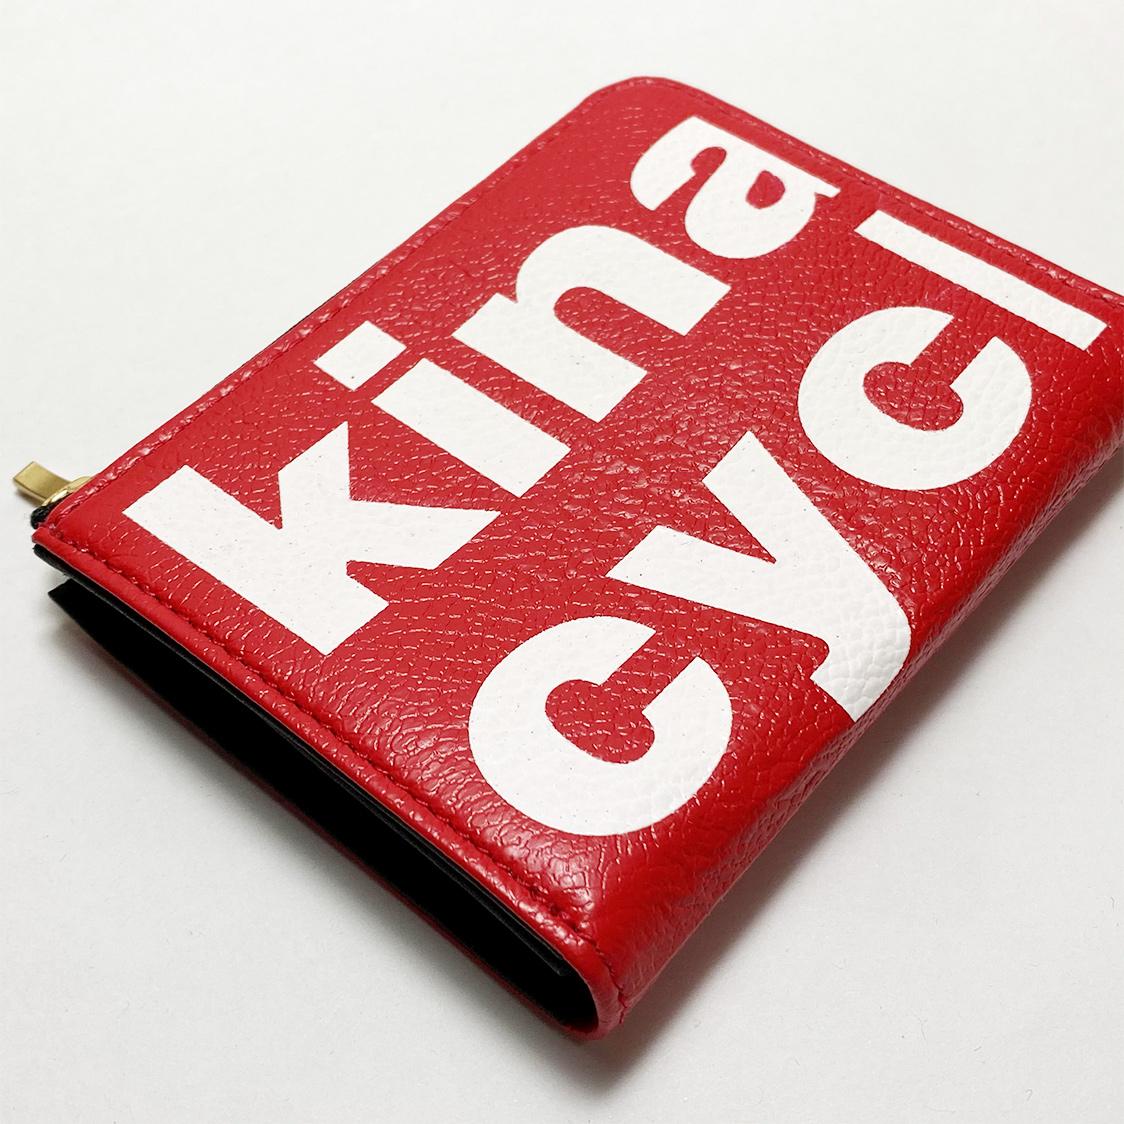 新品 木梨サイクル kinashicycle コンパクト財布 レッド / キーケース コインケース パスケース キーホルダー サイフ カードケース